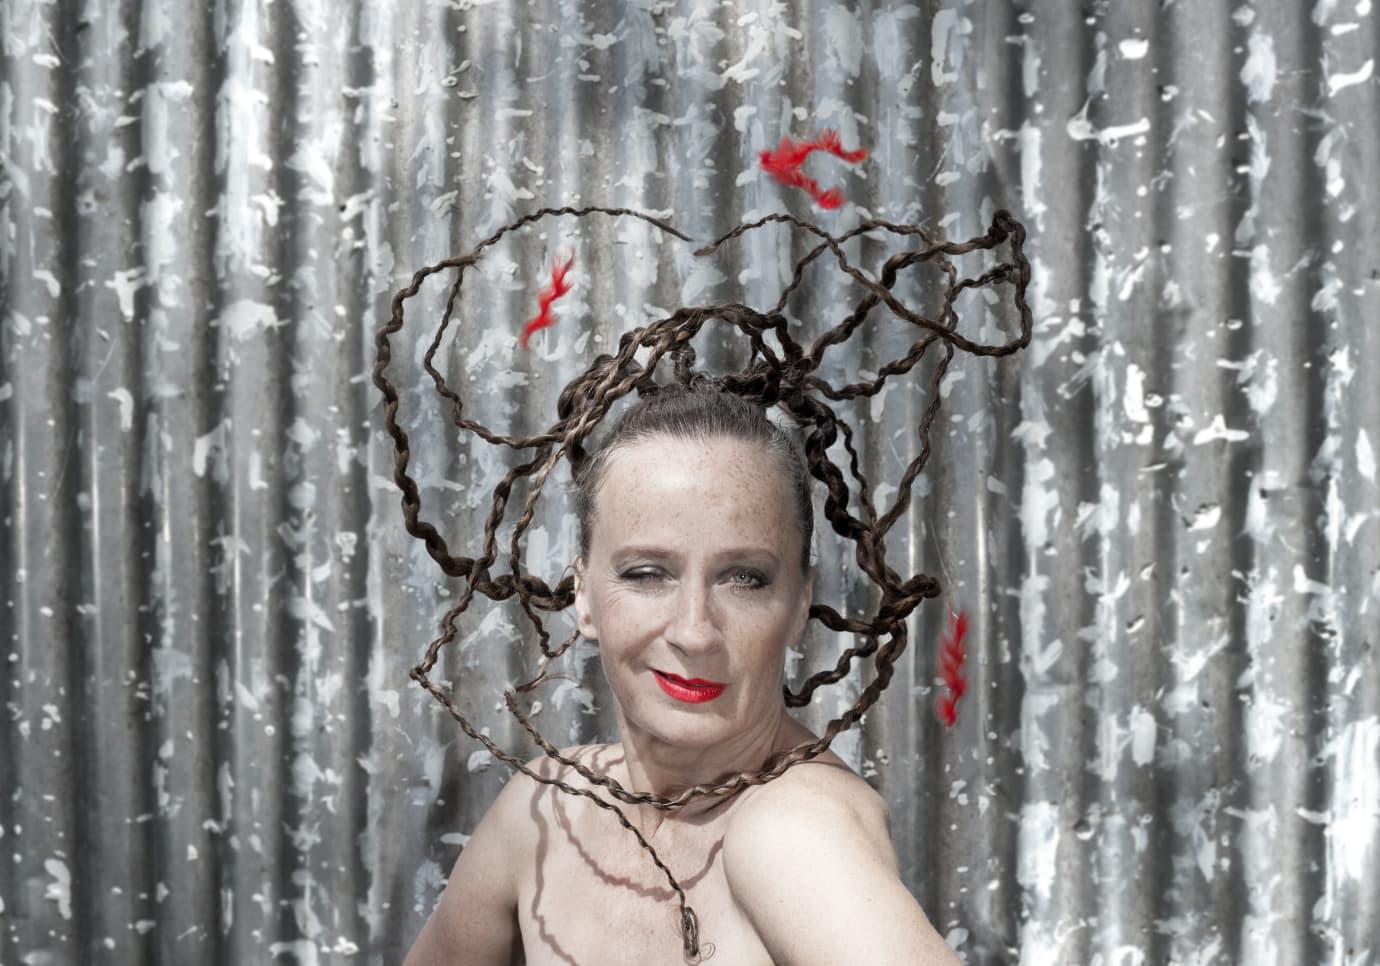 Uppsalas nya forum för konst, dans, mode, musik och samtal – A la Maud